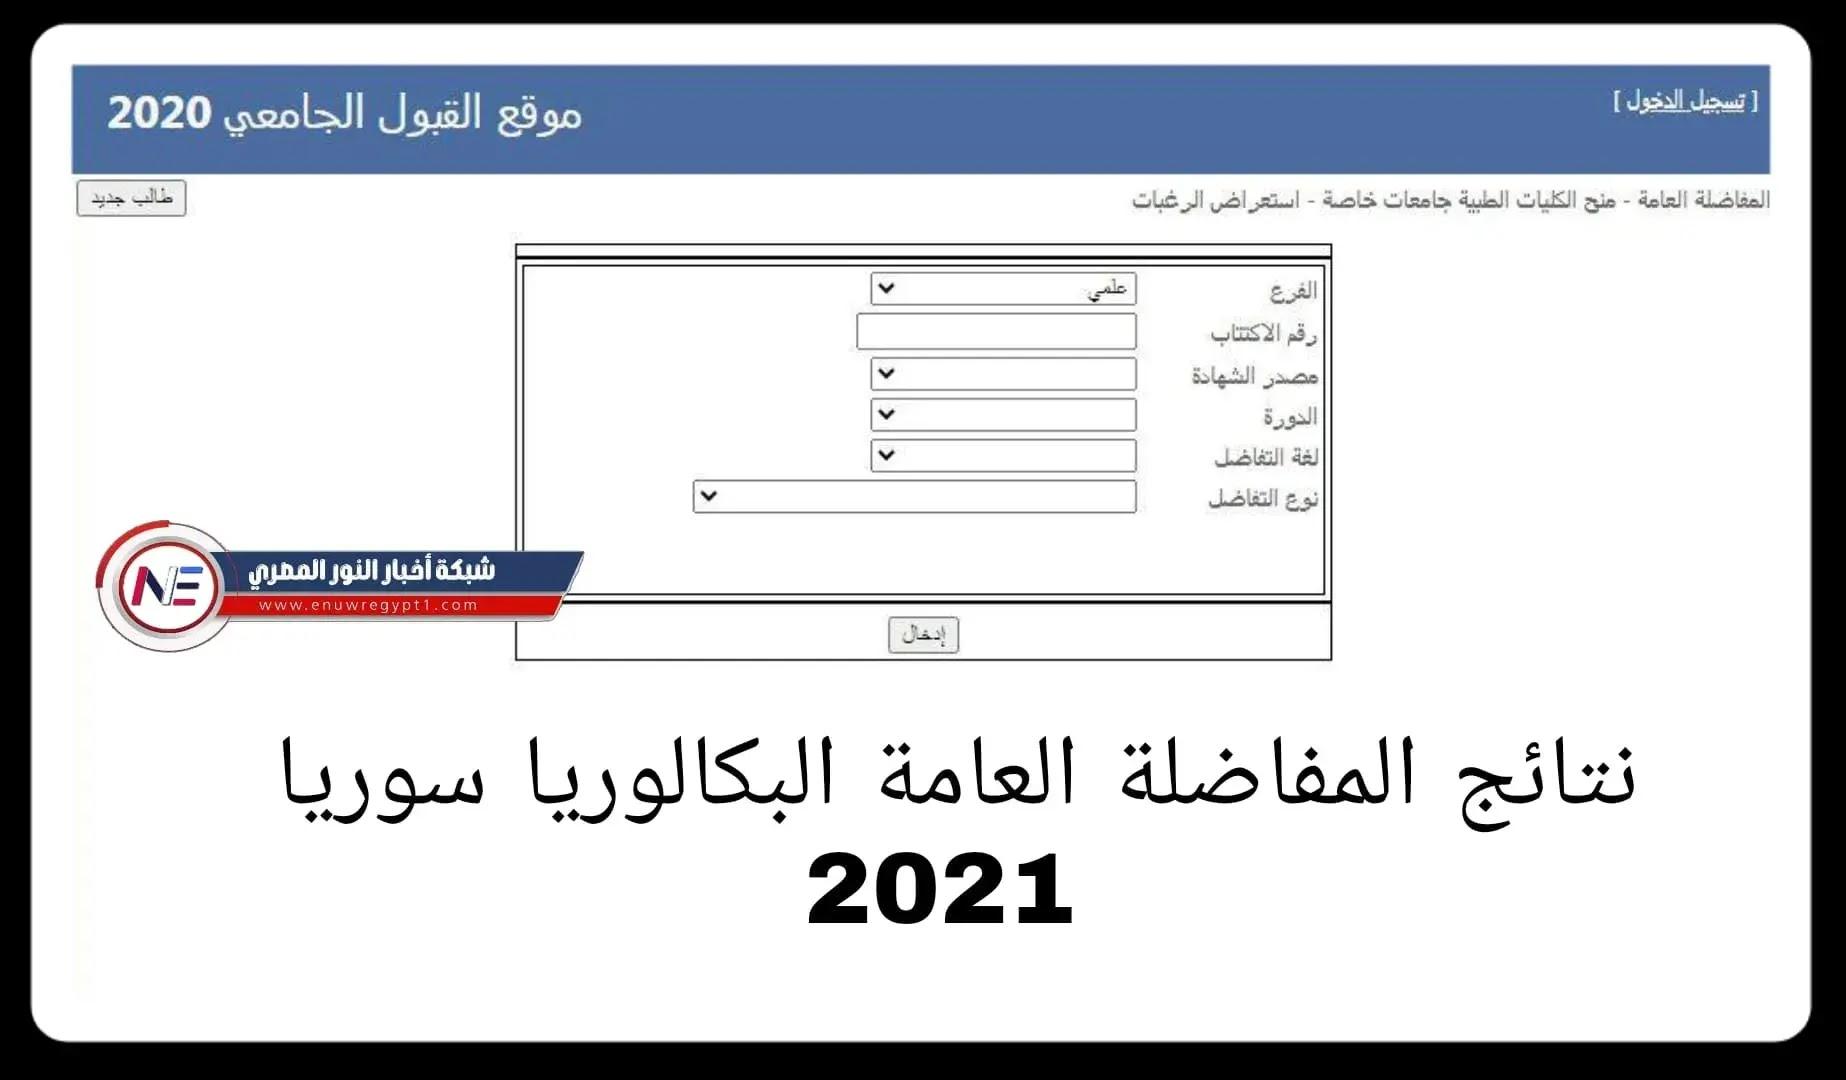 ظهرت الان إعلان معدلات القبول في الجامعات في سوريا 2021 | رابط نتائج مفاضلة البكالوريا في سوريا علمي و ادبي عبر وزارة التعليم العالي